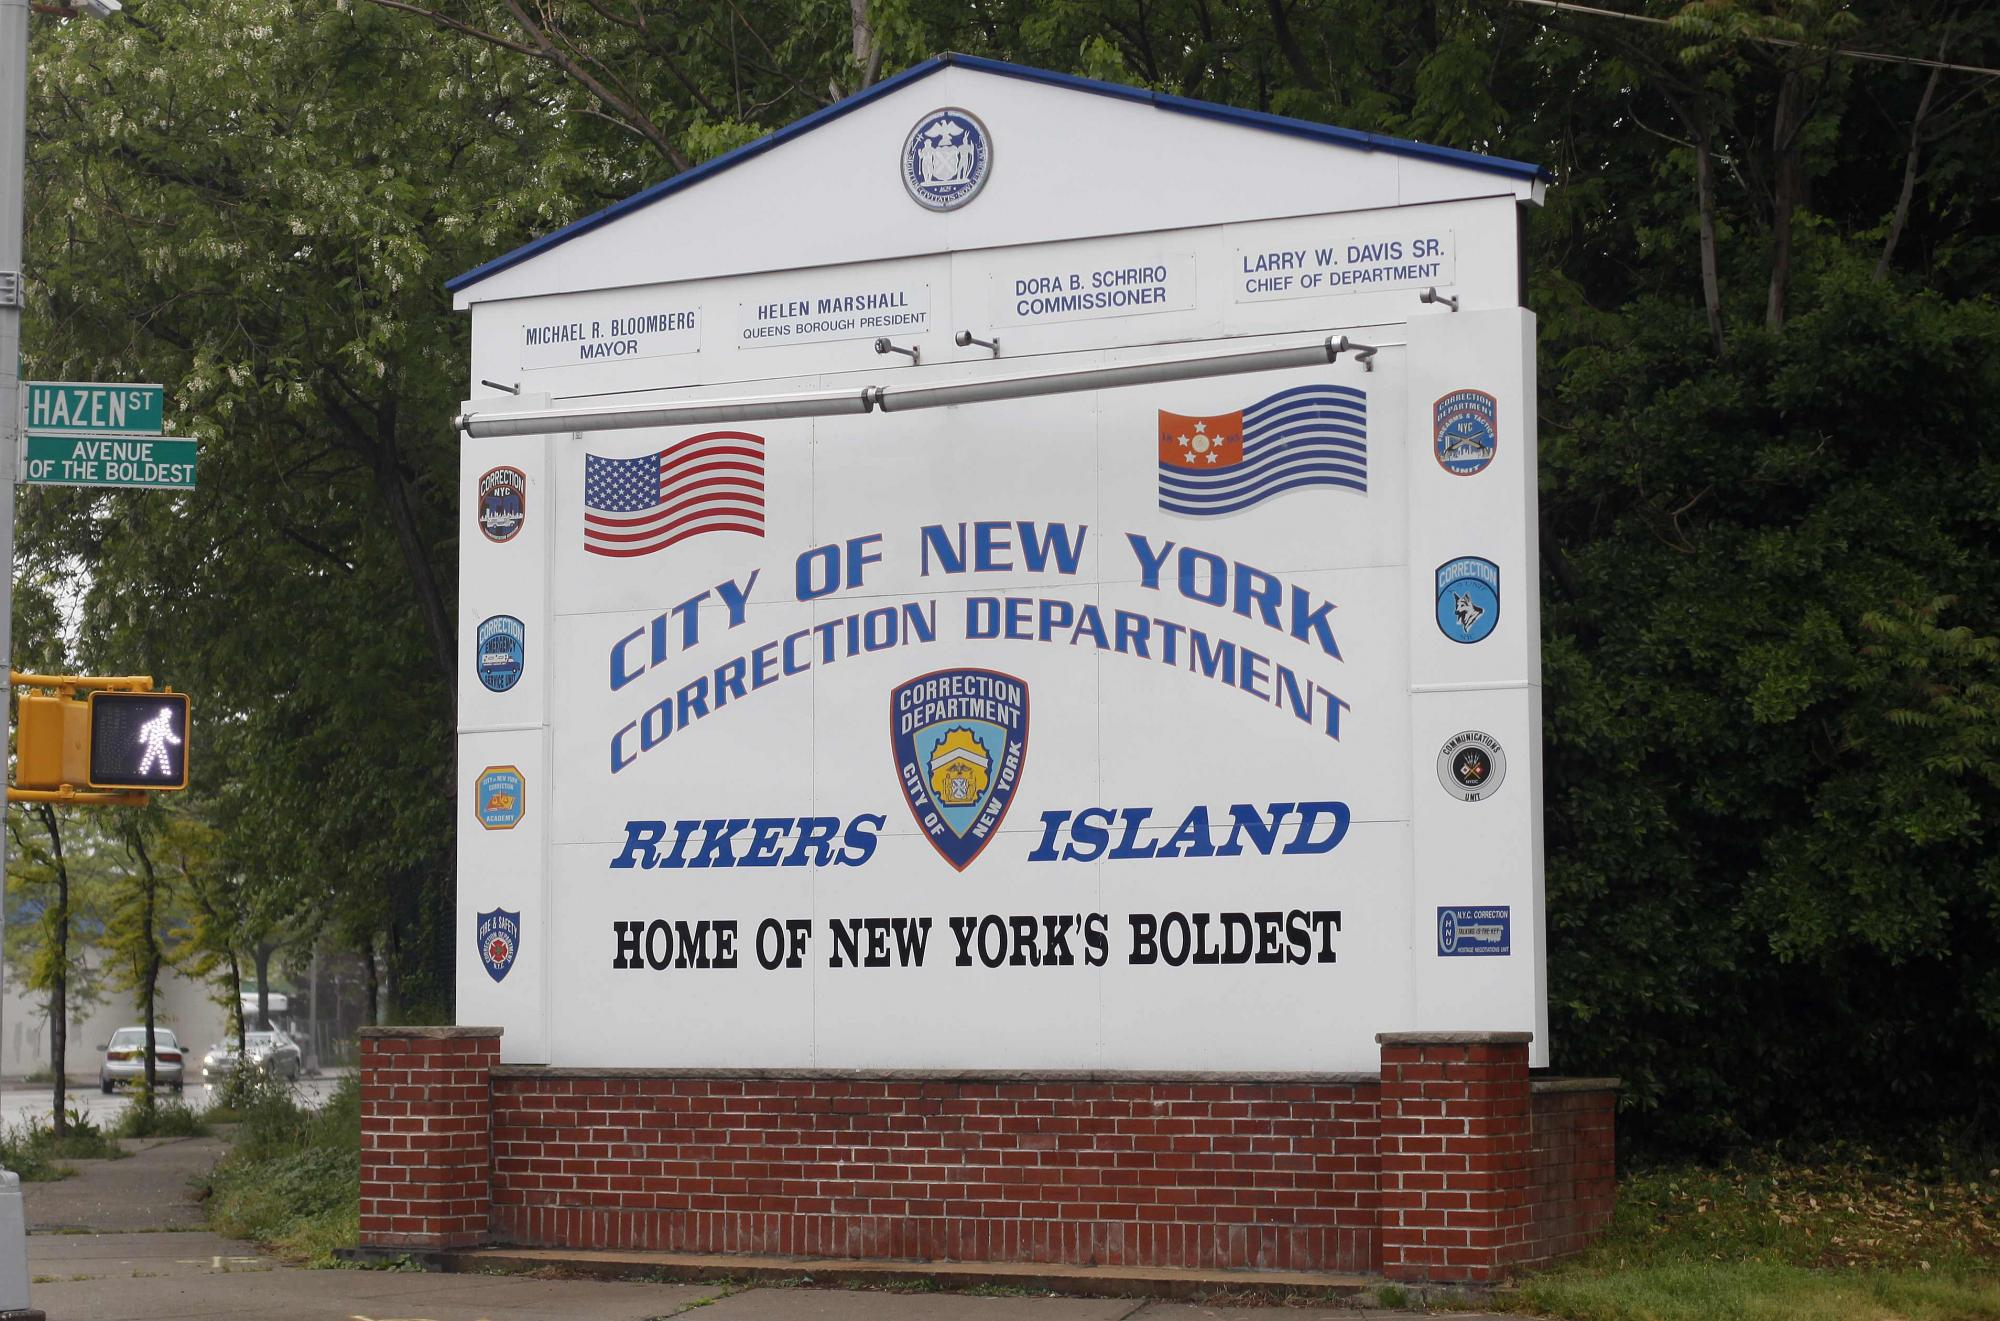 卡恩被关押在世界上规模最大的综合型监狱,位于纽约附近的赖克斯岛